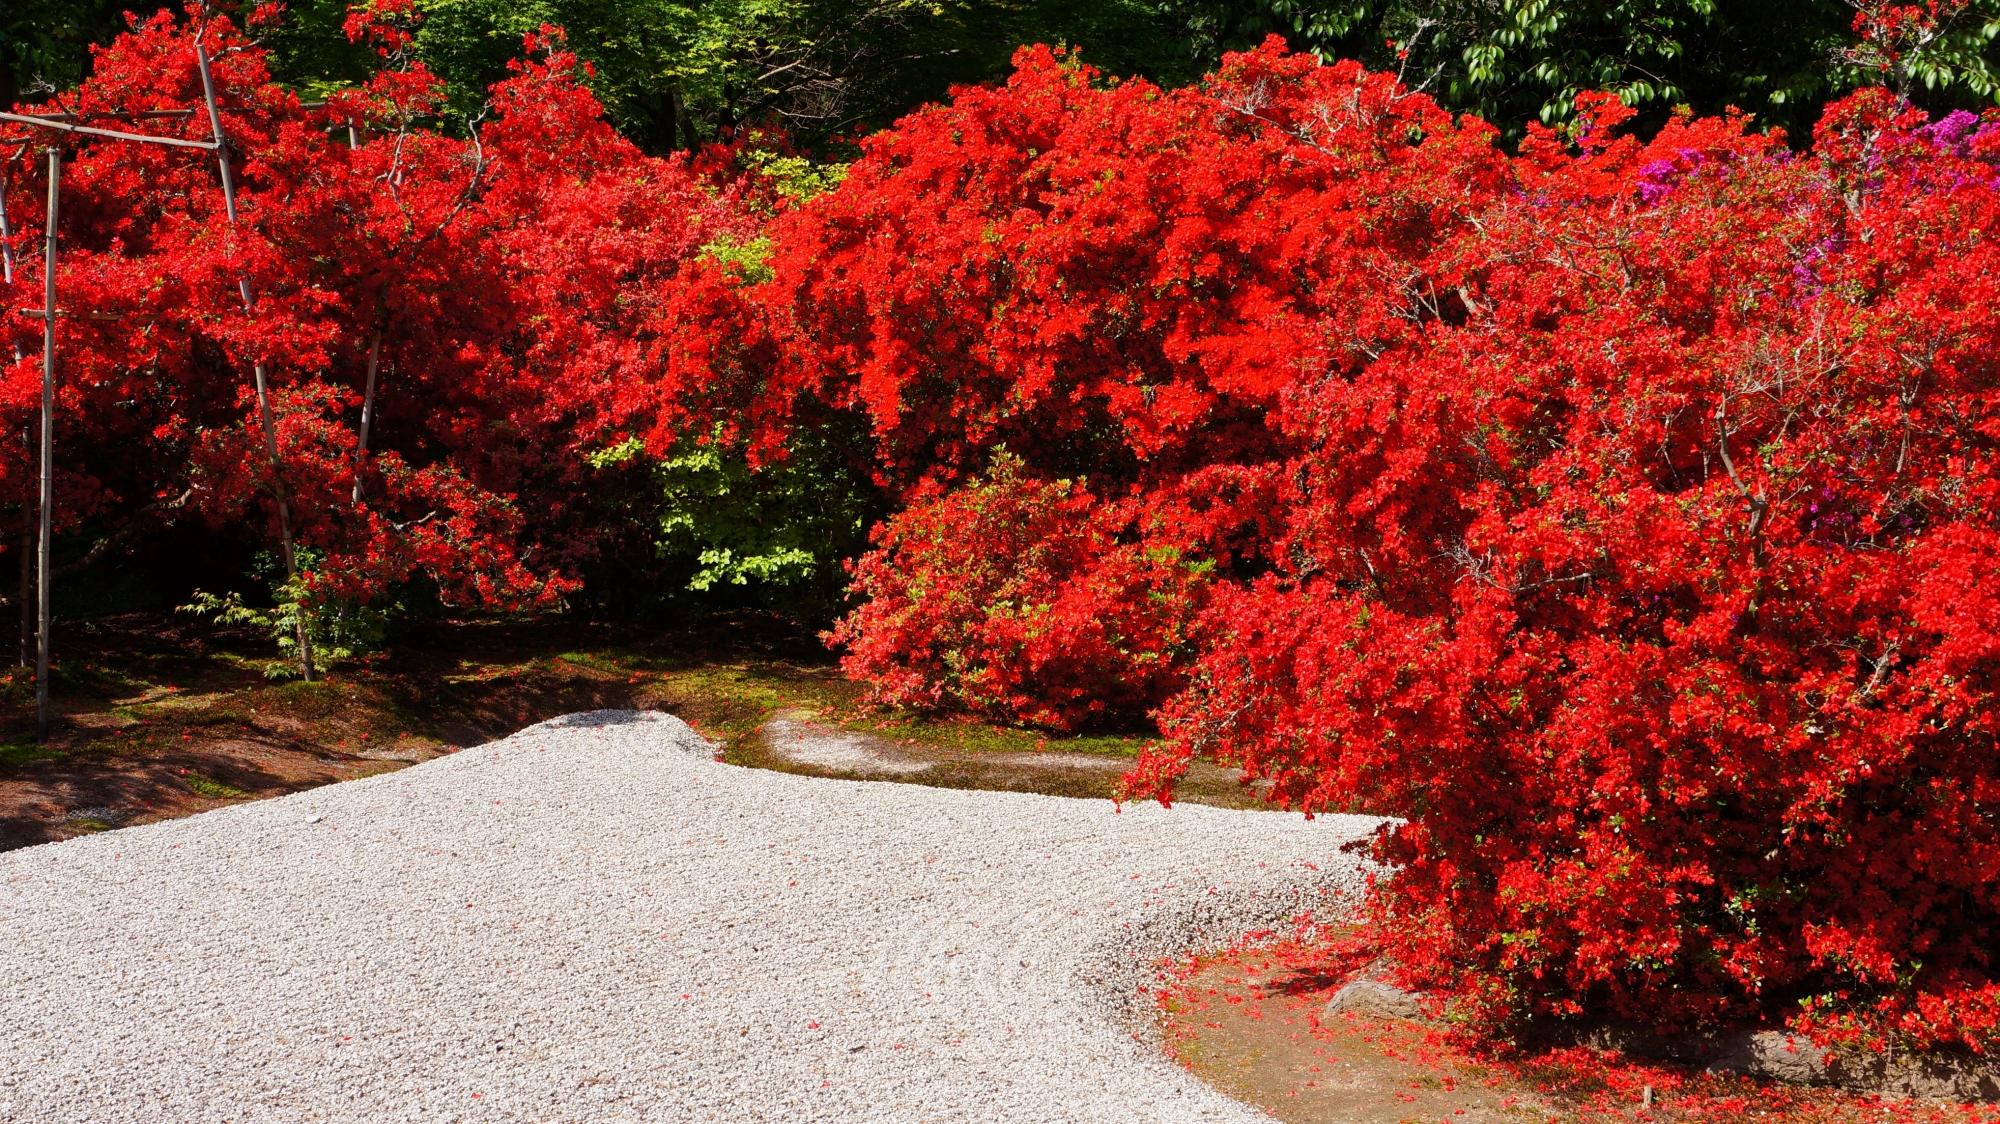 燃え上がるように赤く咲き乱れるキリシマツツジ